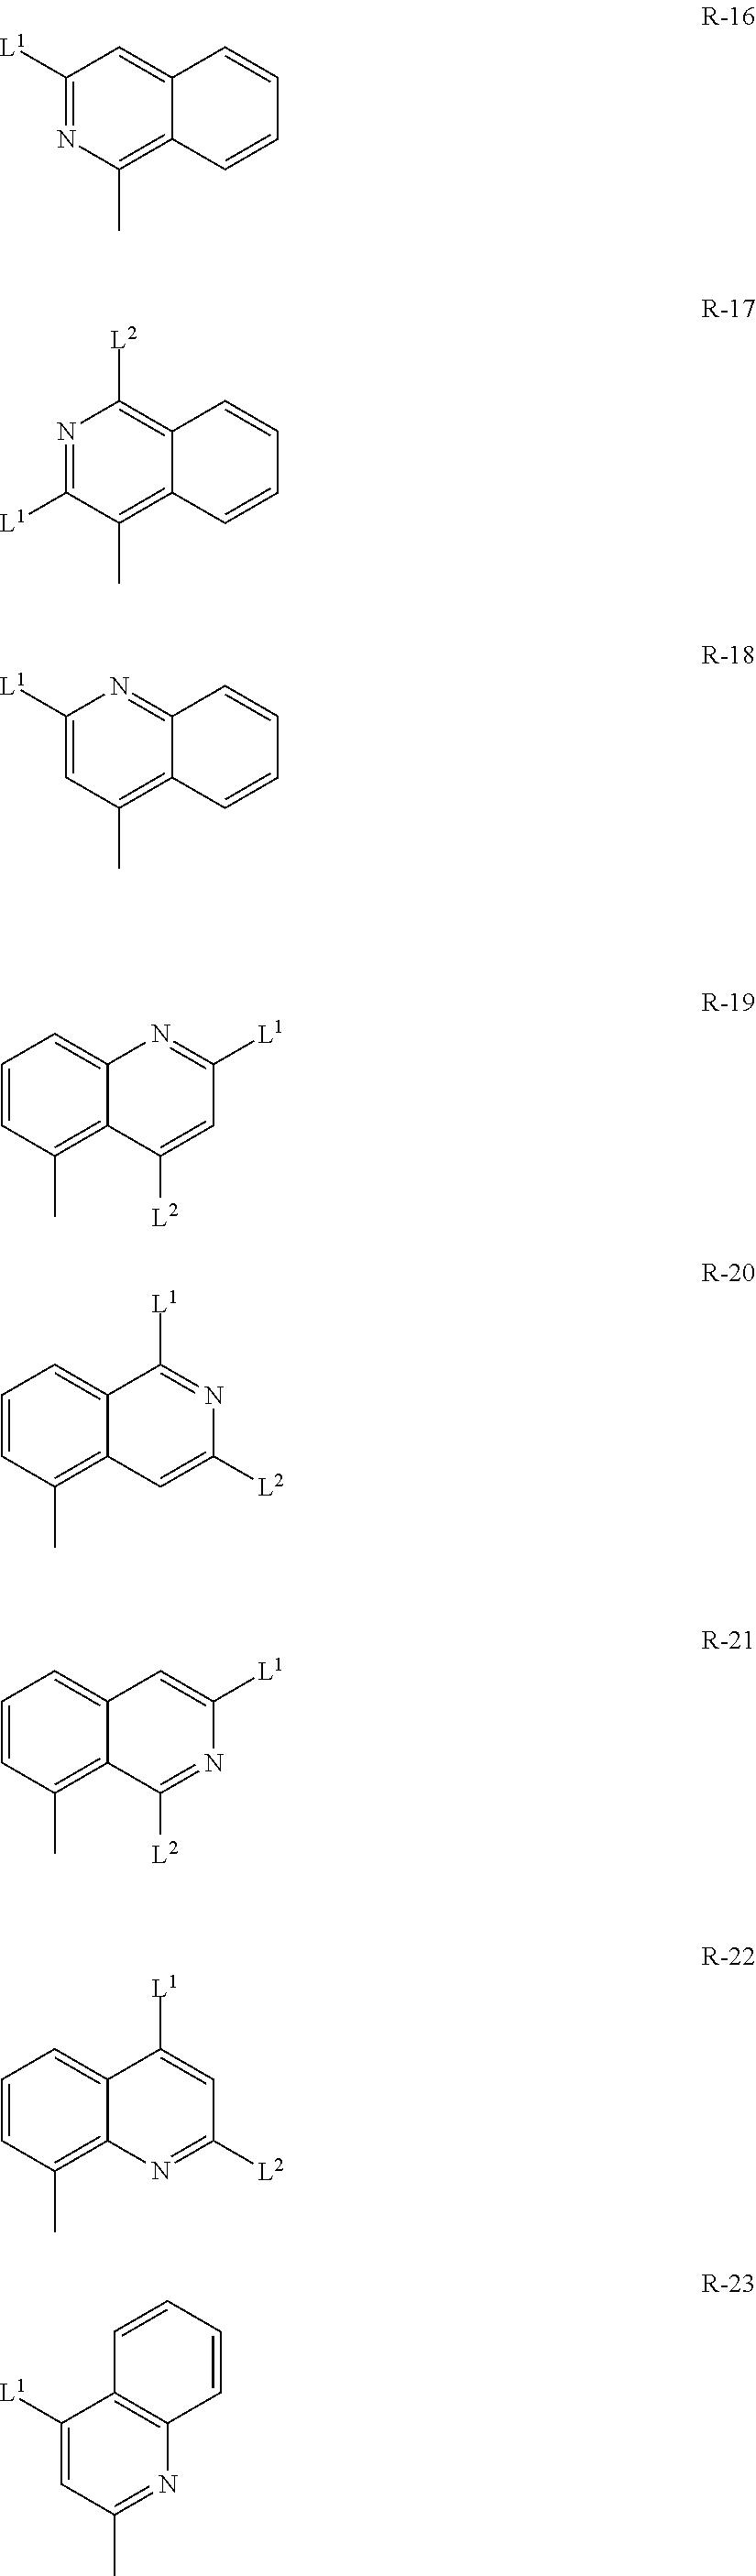 Figure US20110215312A1-20110908-C00020